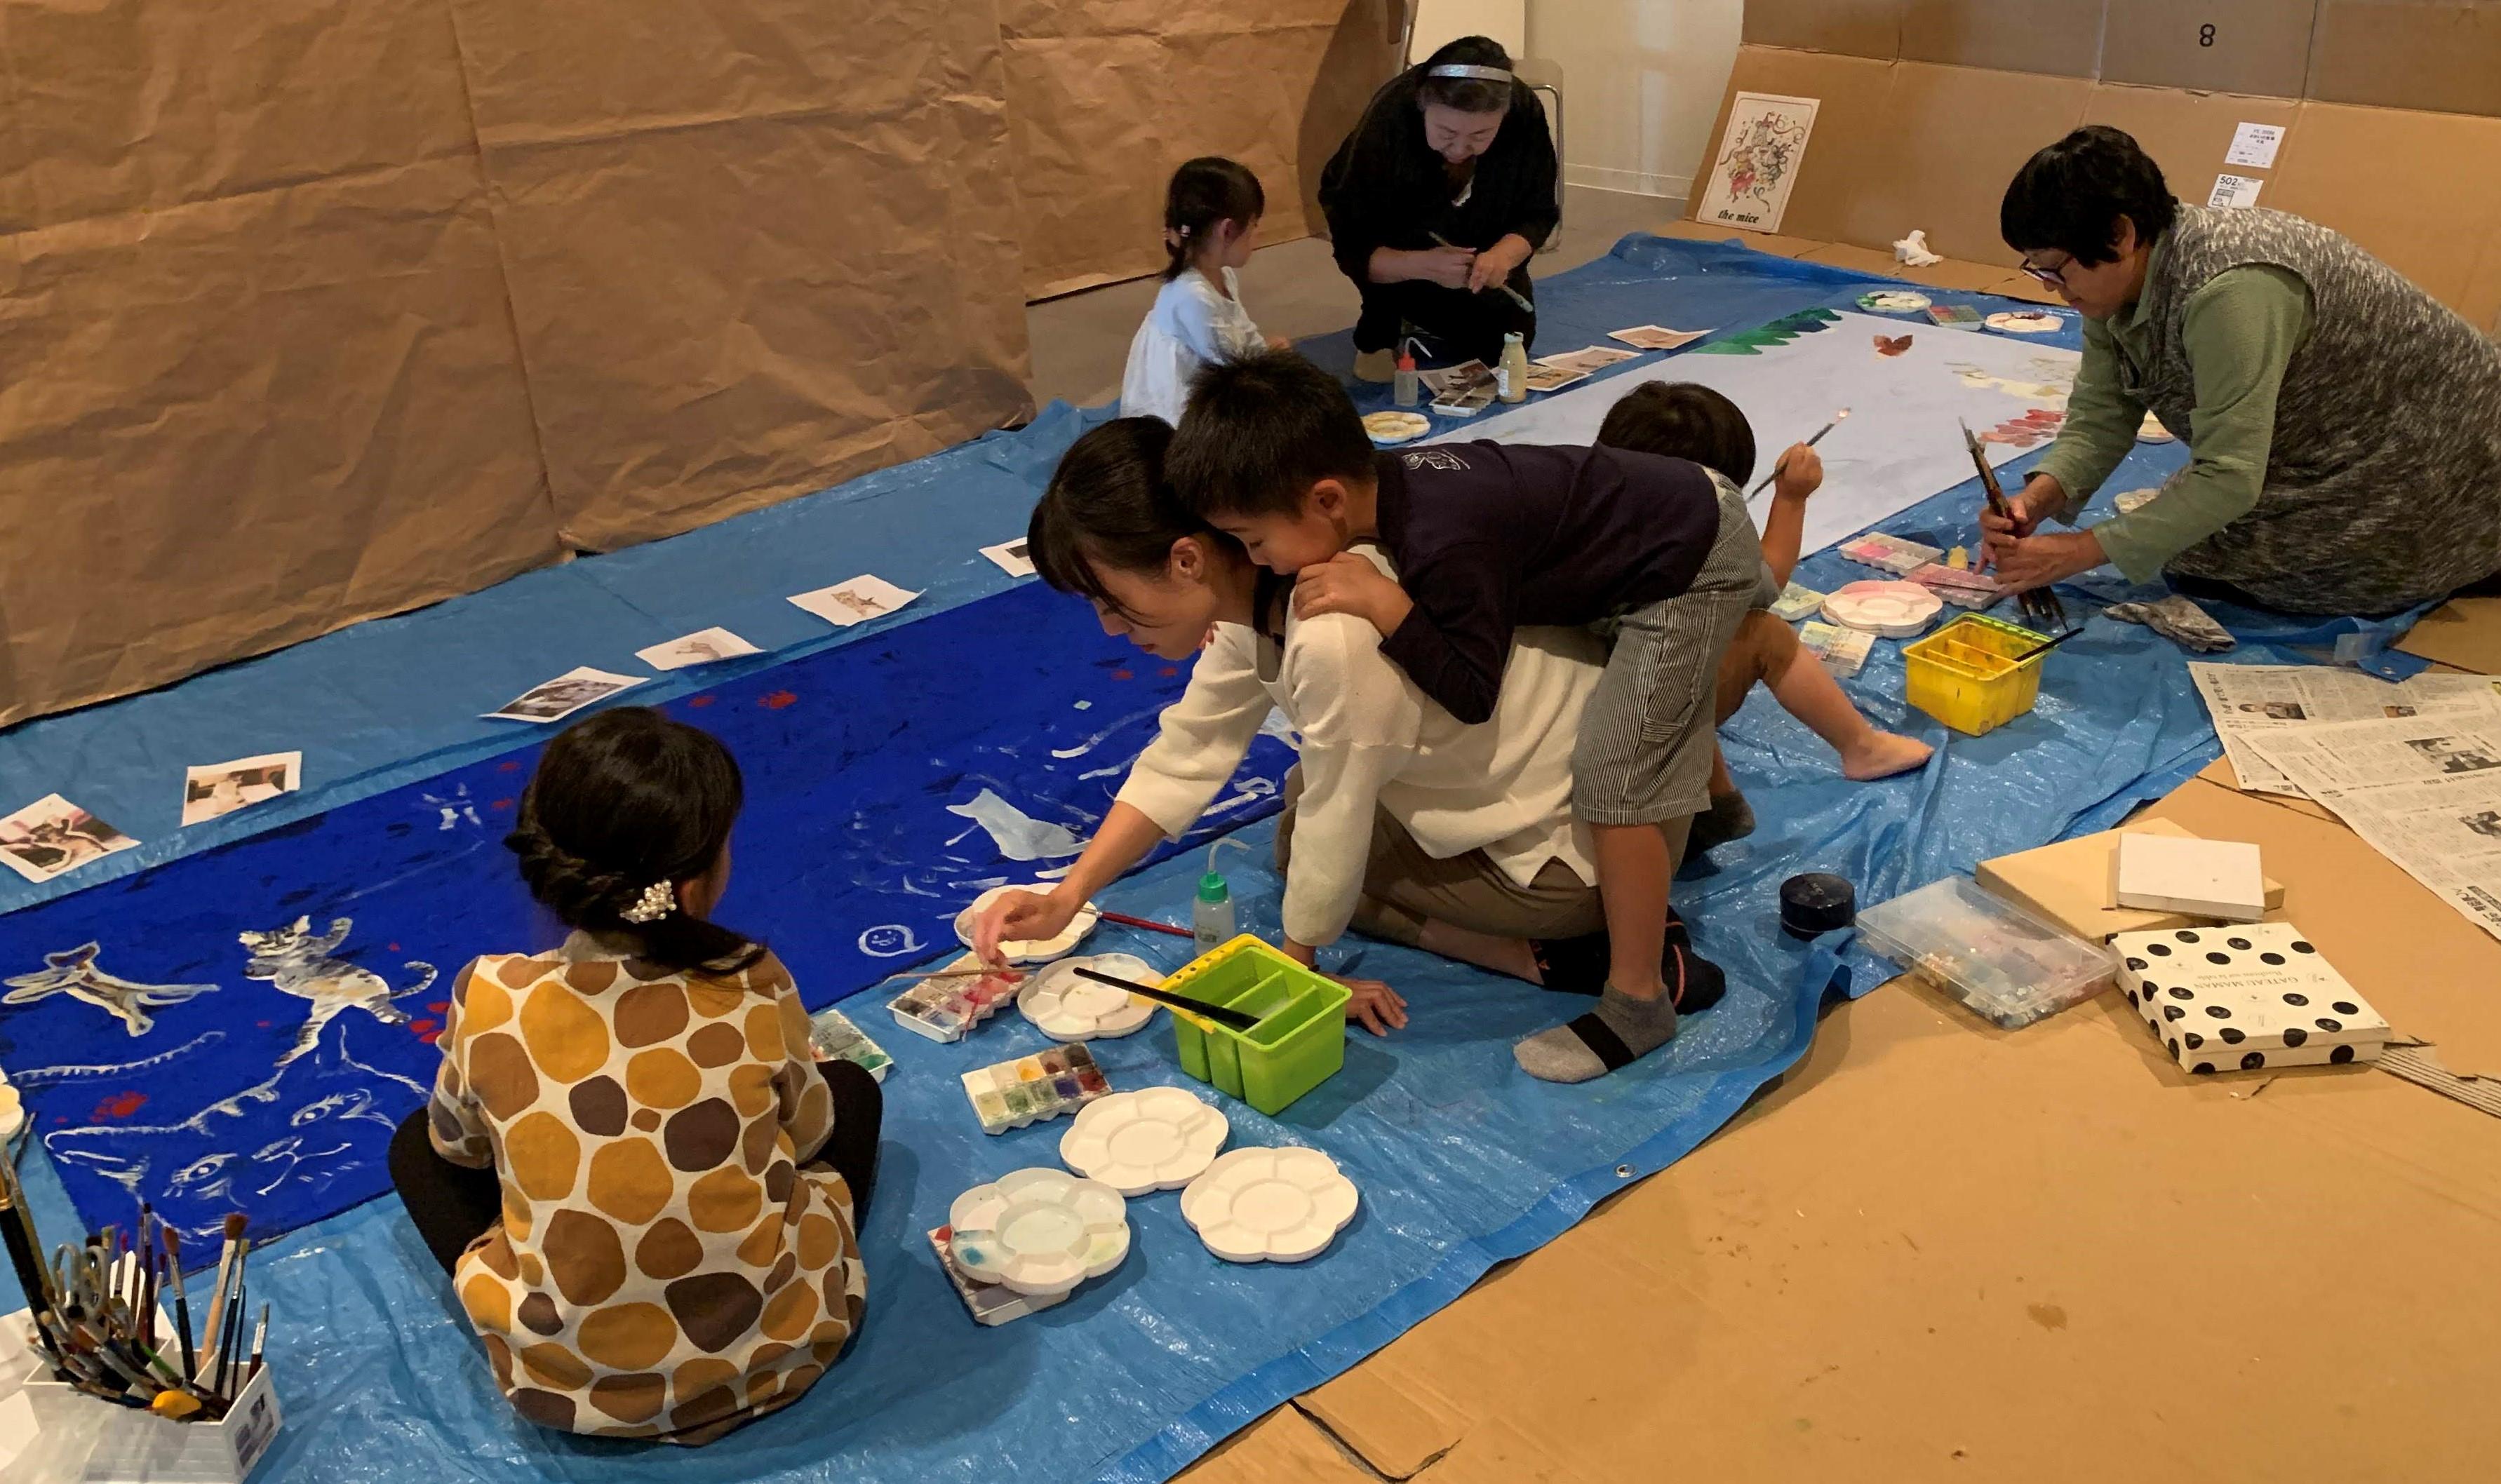 竹取物語を描いてみよう!